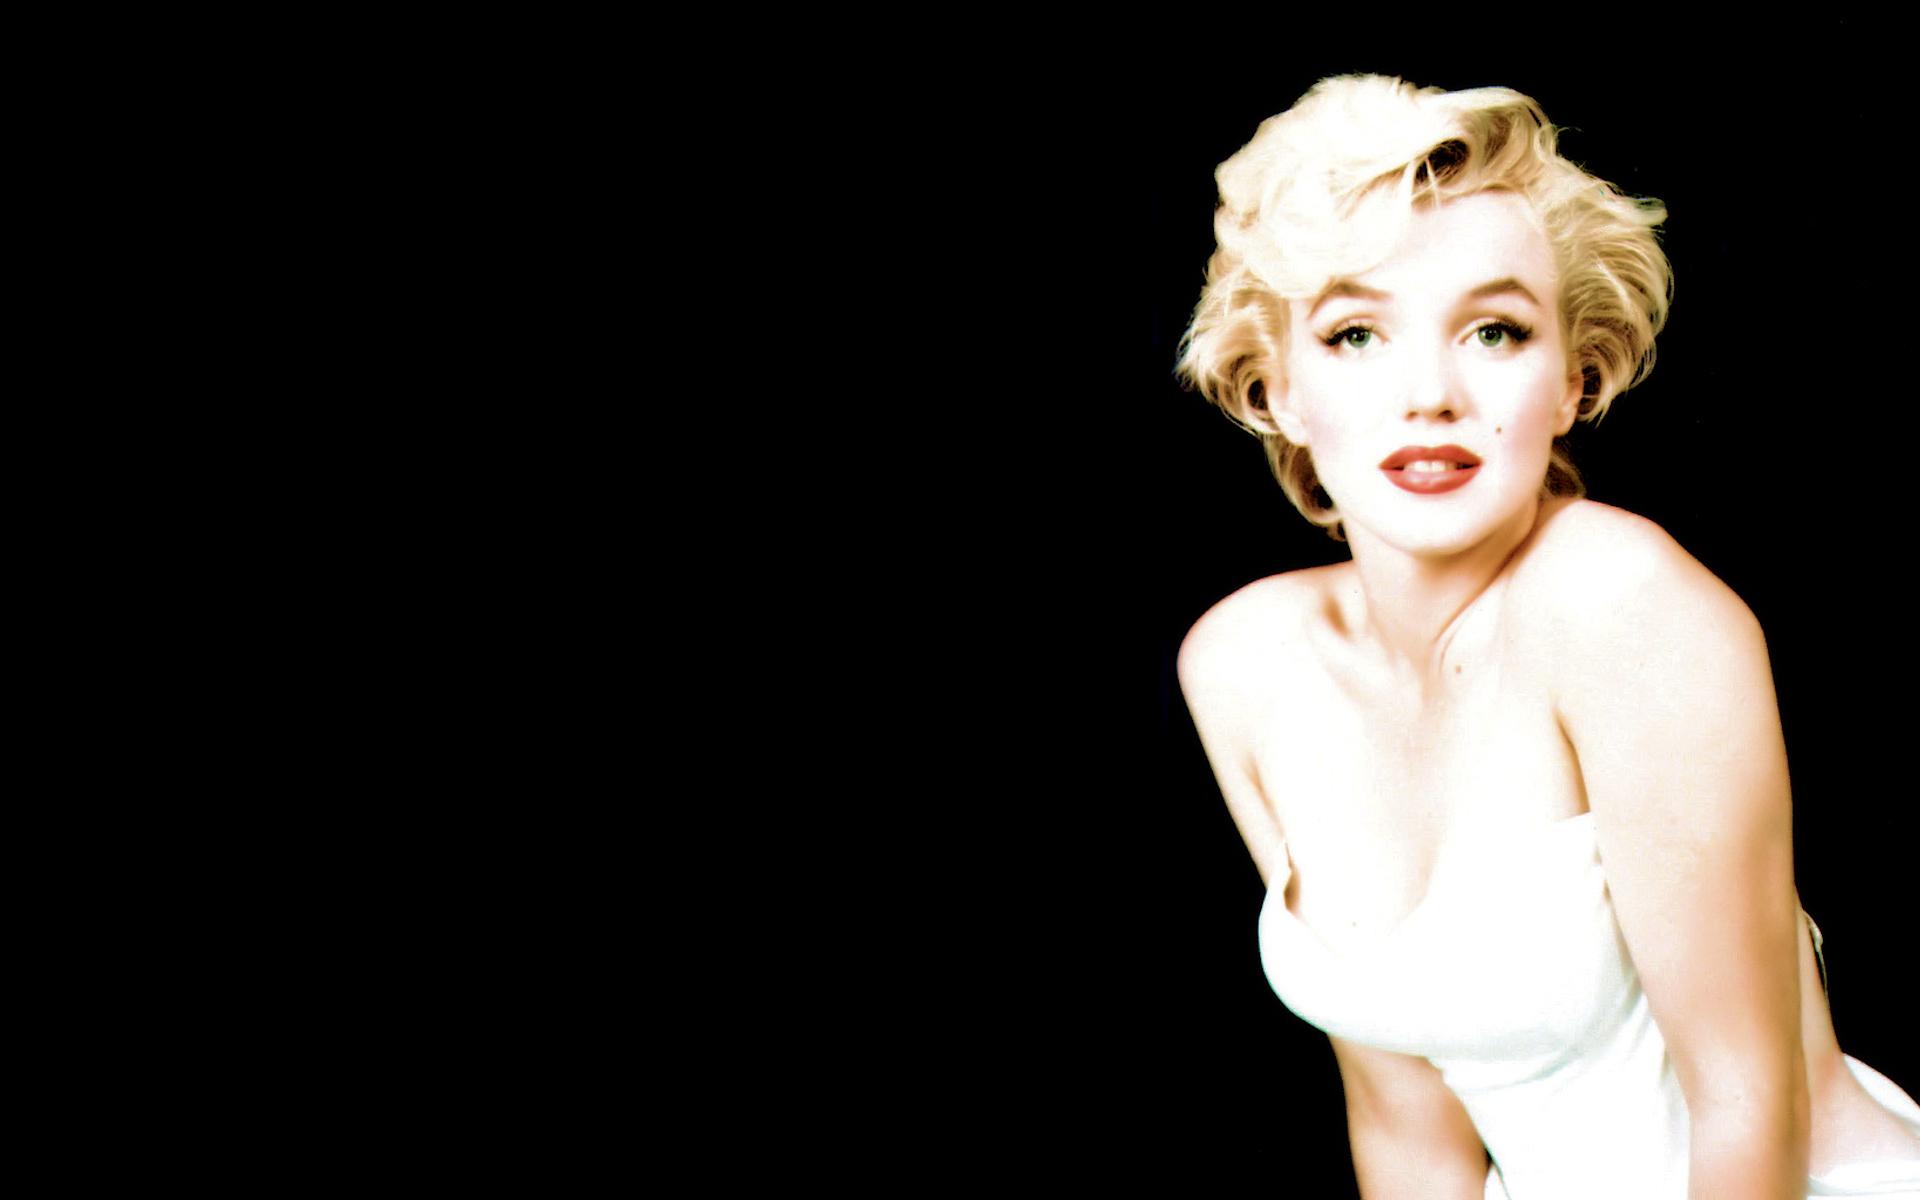 Free Marilyn Monroe Wallpapers Wallpapersafari